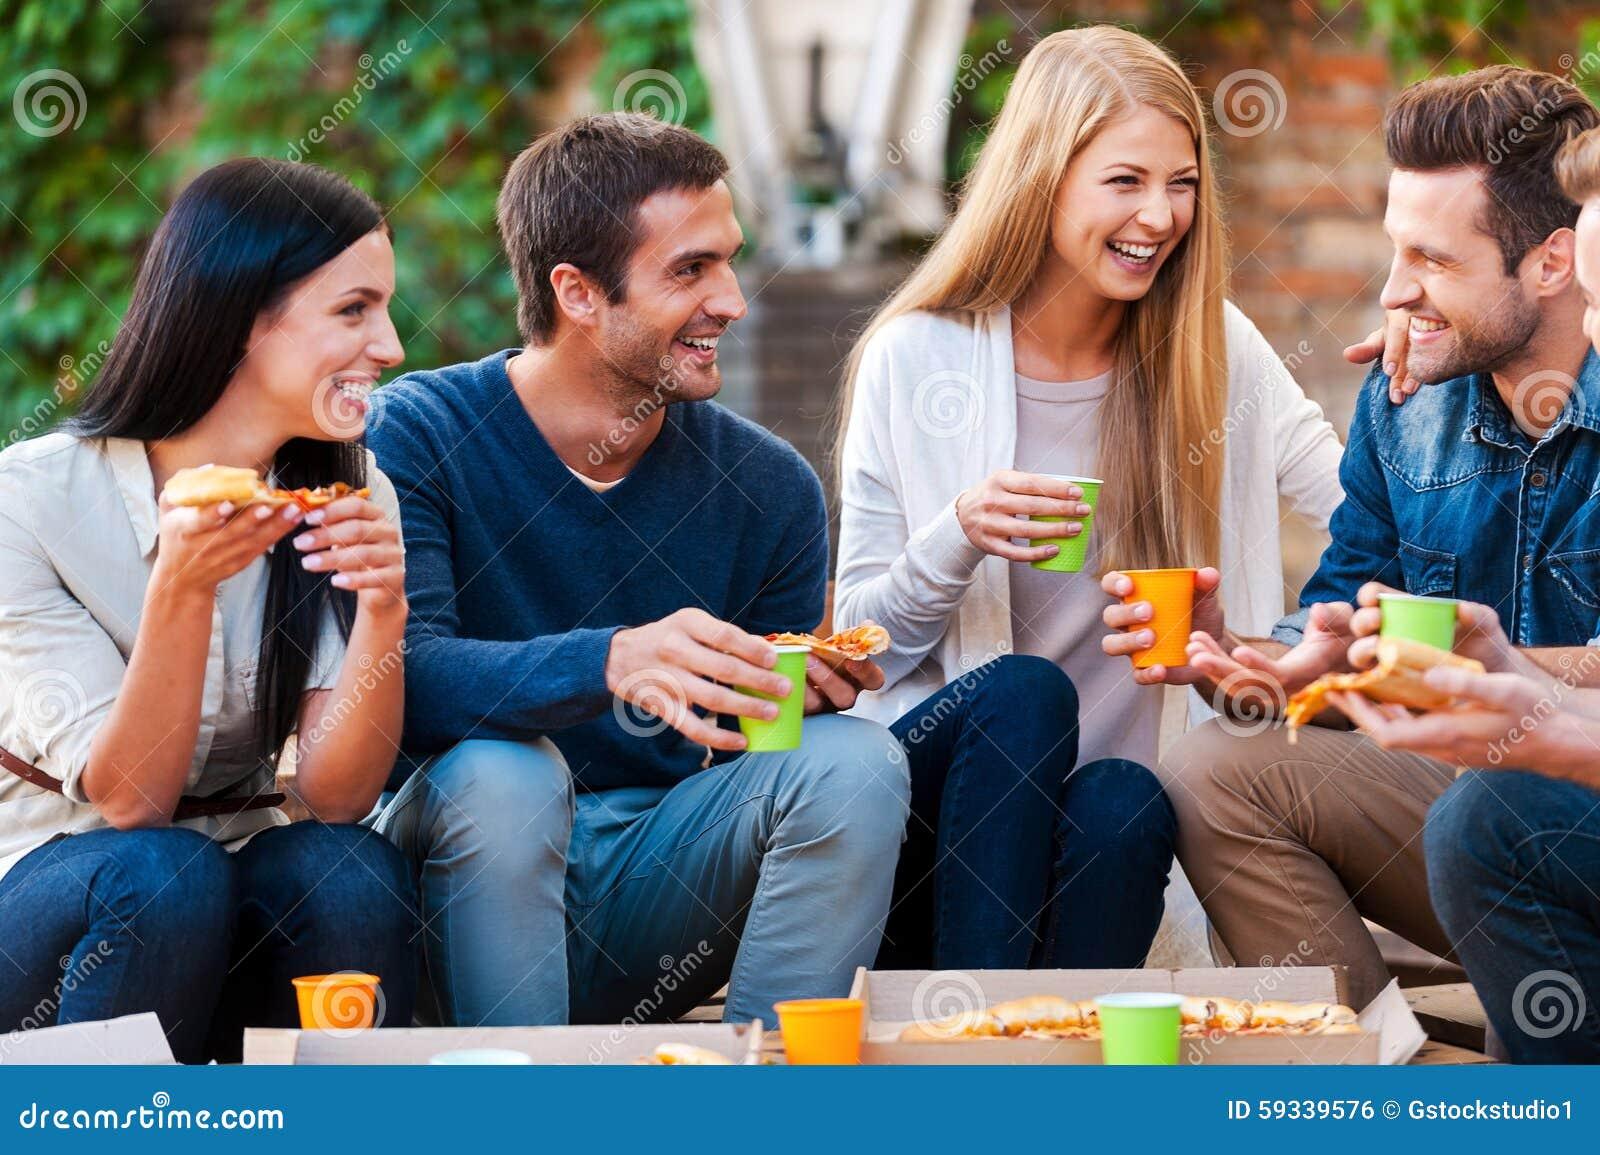 Cena entre parejas termina en candente orgia brazzers - 1 3